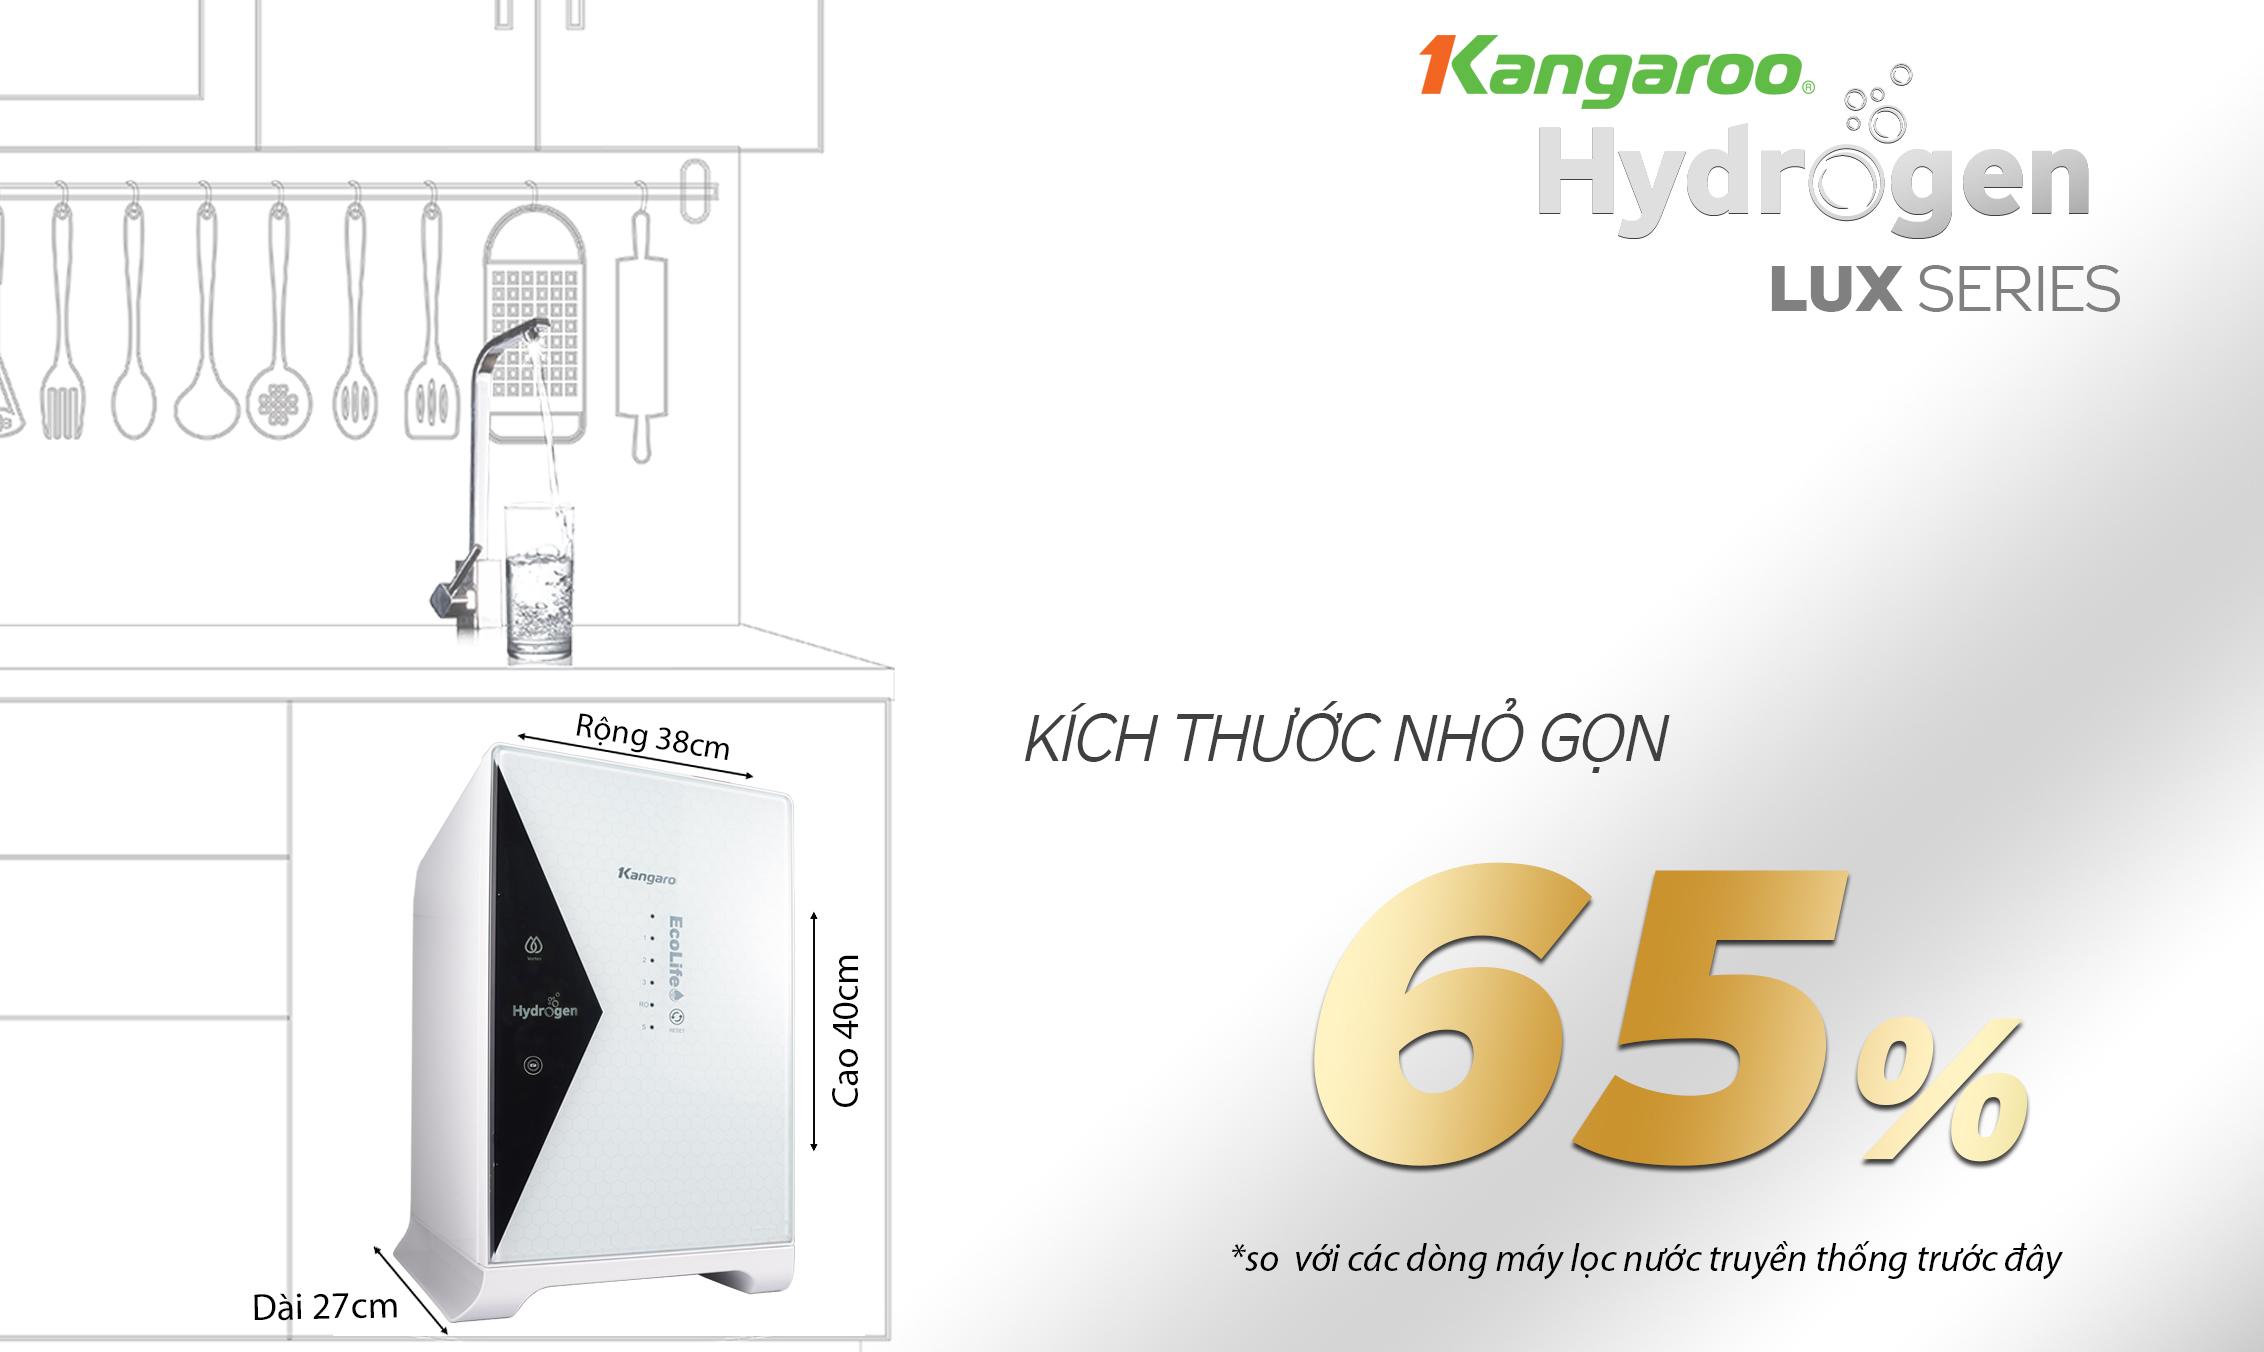 thiết kế siêu nhỏ của kangaroo kg100hu